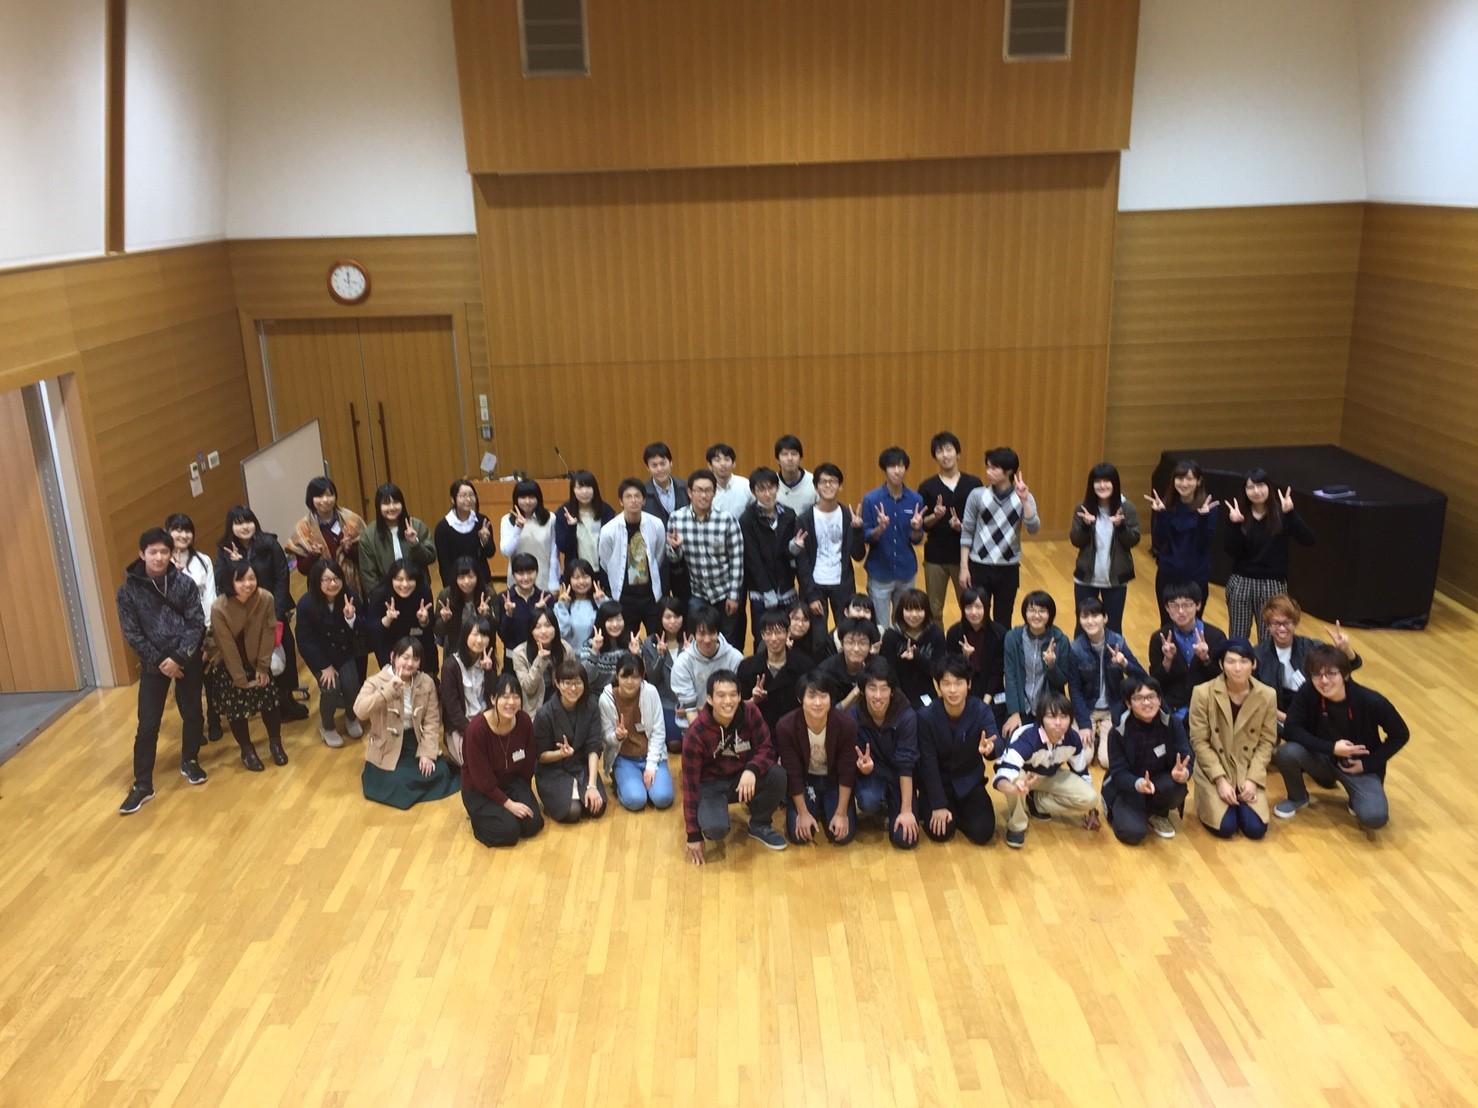 芸交祭2016 in 福井_9240